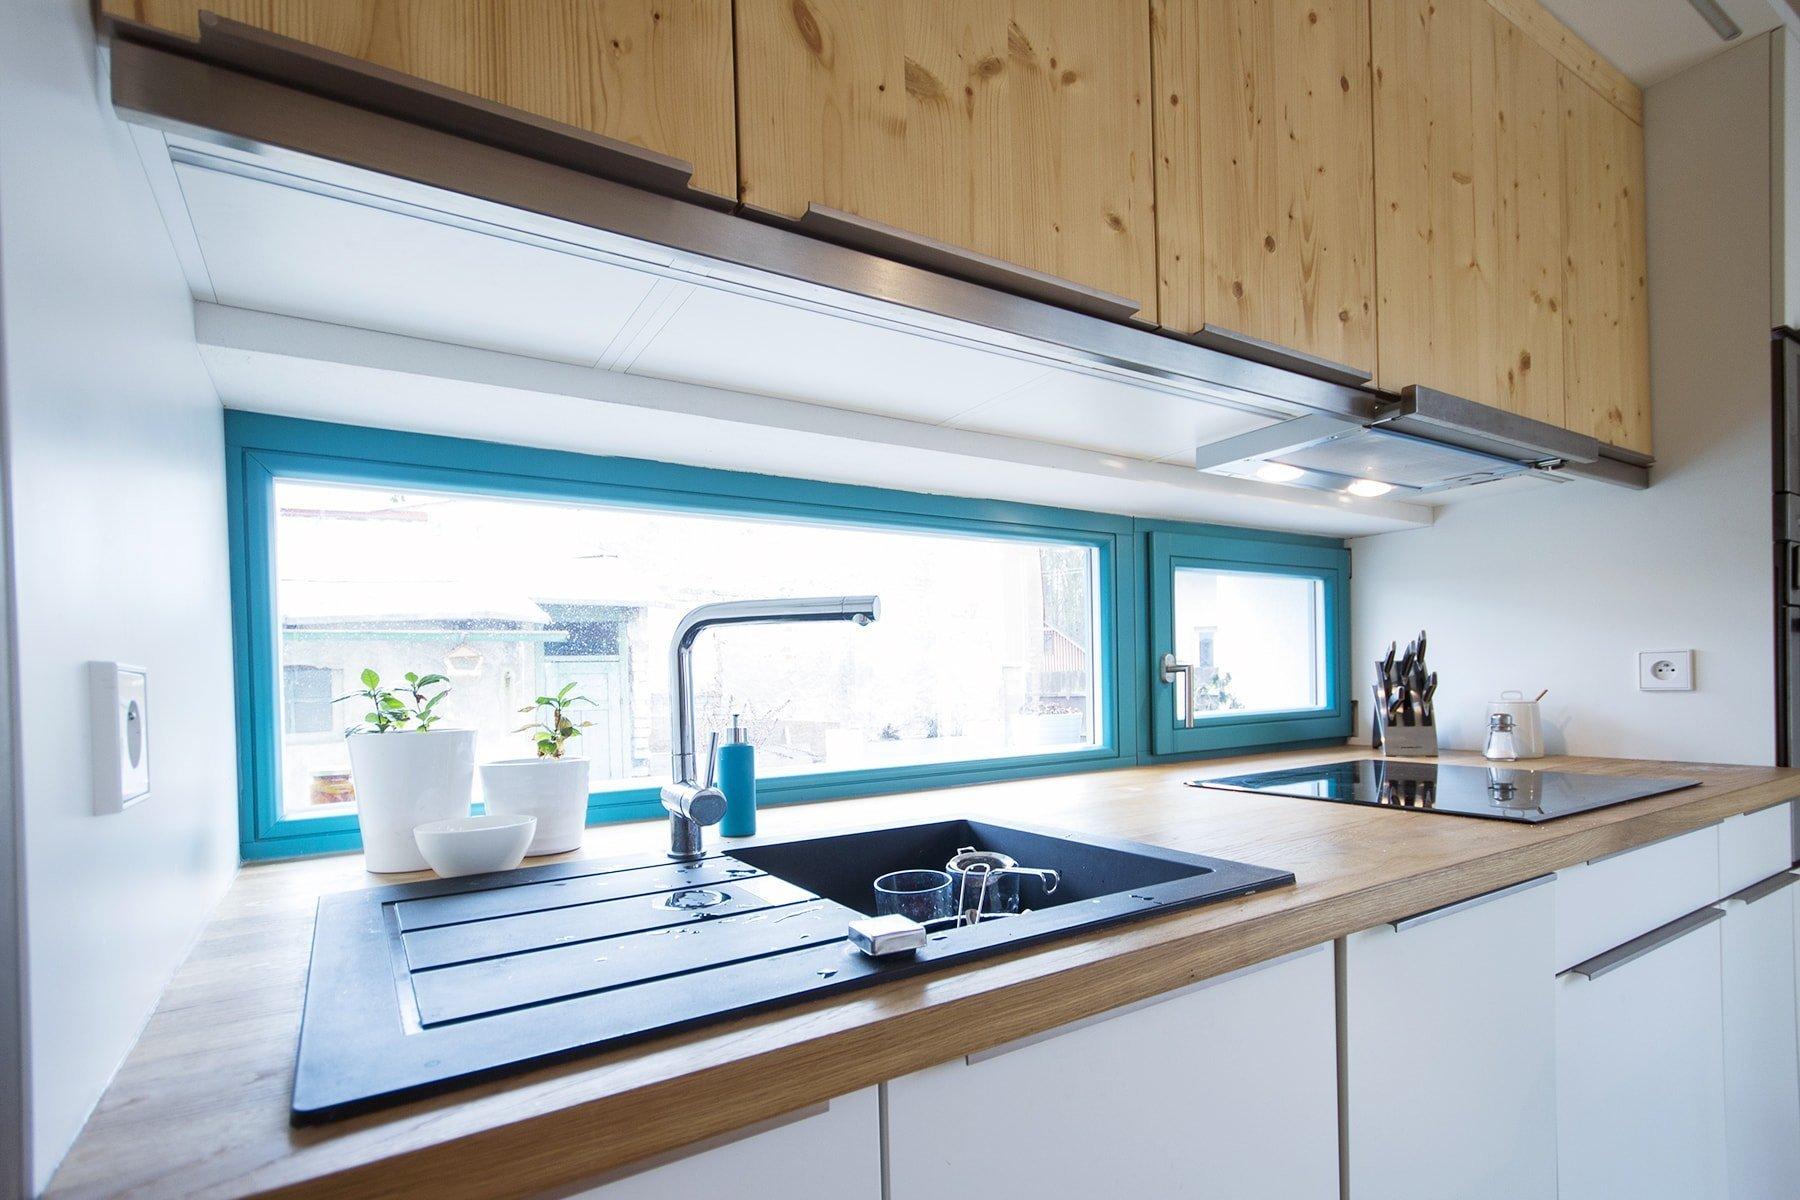 Pokud si chcete zachovat svébytný charakter starého domu, jehož dispozice už však nevyhovují požadavkům moderního bydlení, probourejte strop a příčky, třeba získáte stejně krásný interiér jako pár z naší dnešní stavitelské proměny.